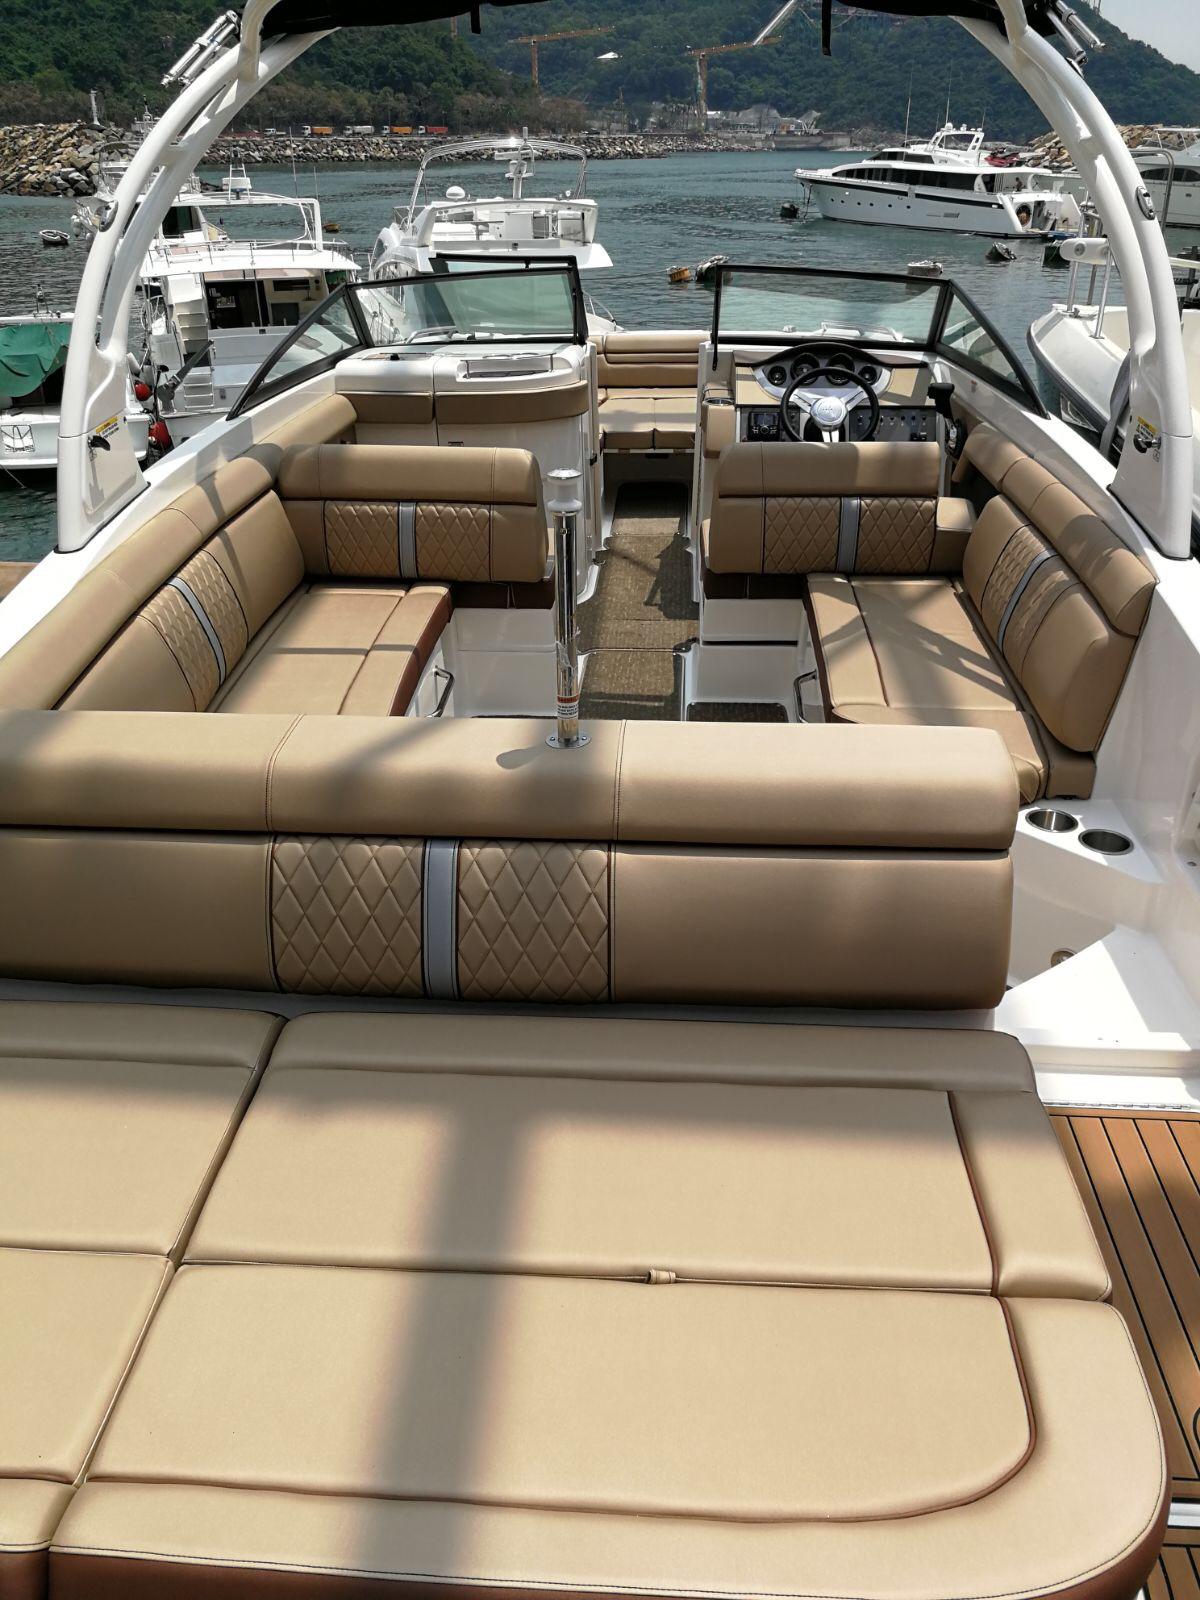 Boats & Yachts Ltd Hong Kong   Boats For Sale Hong Kong   Yachts For